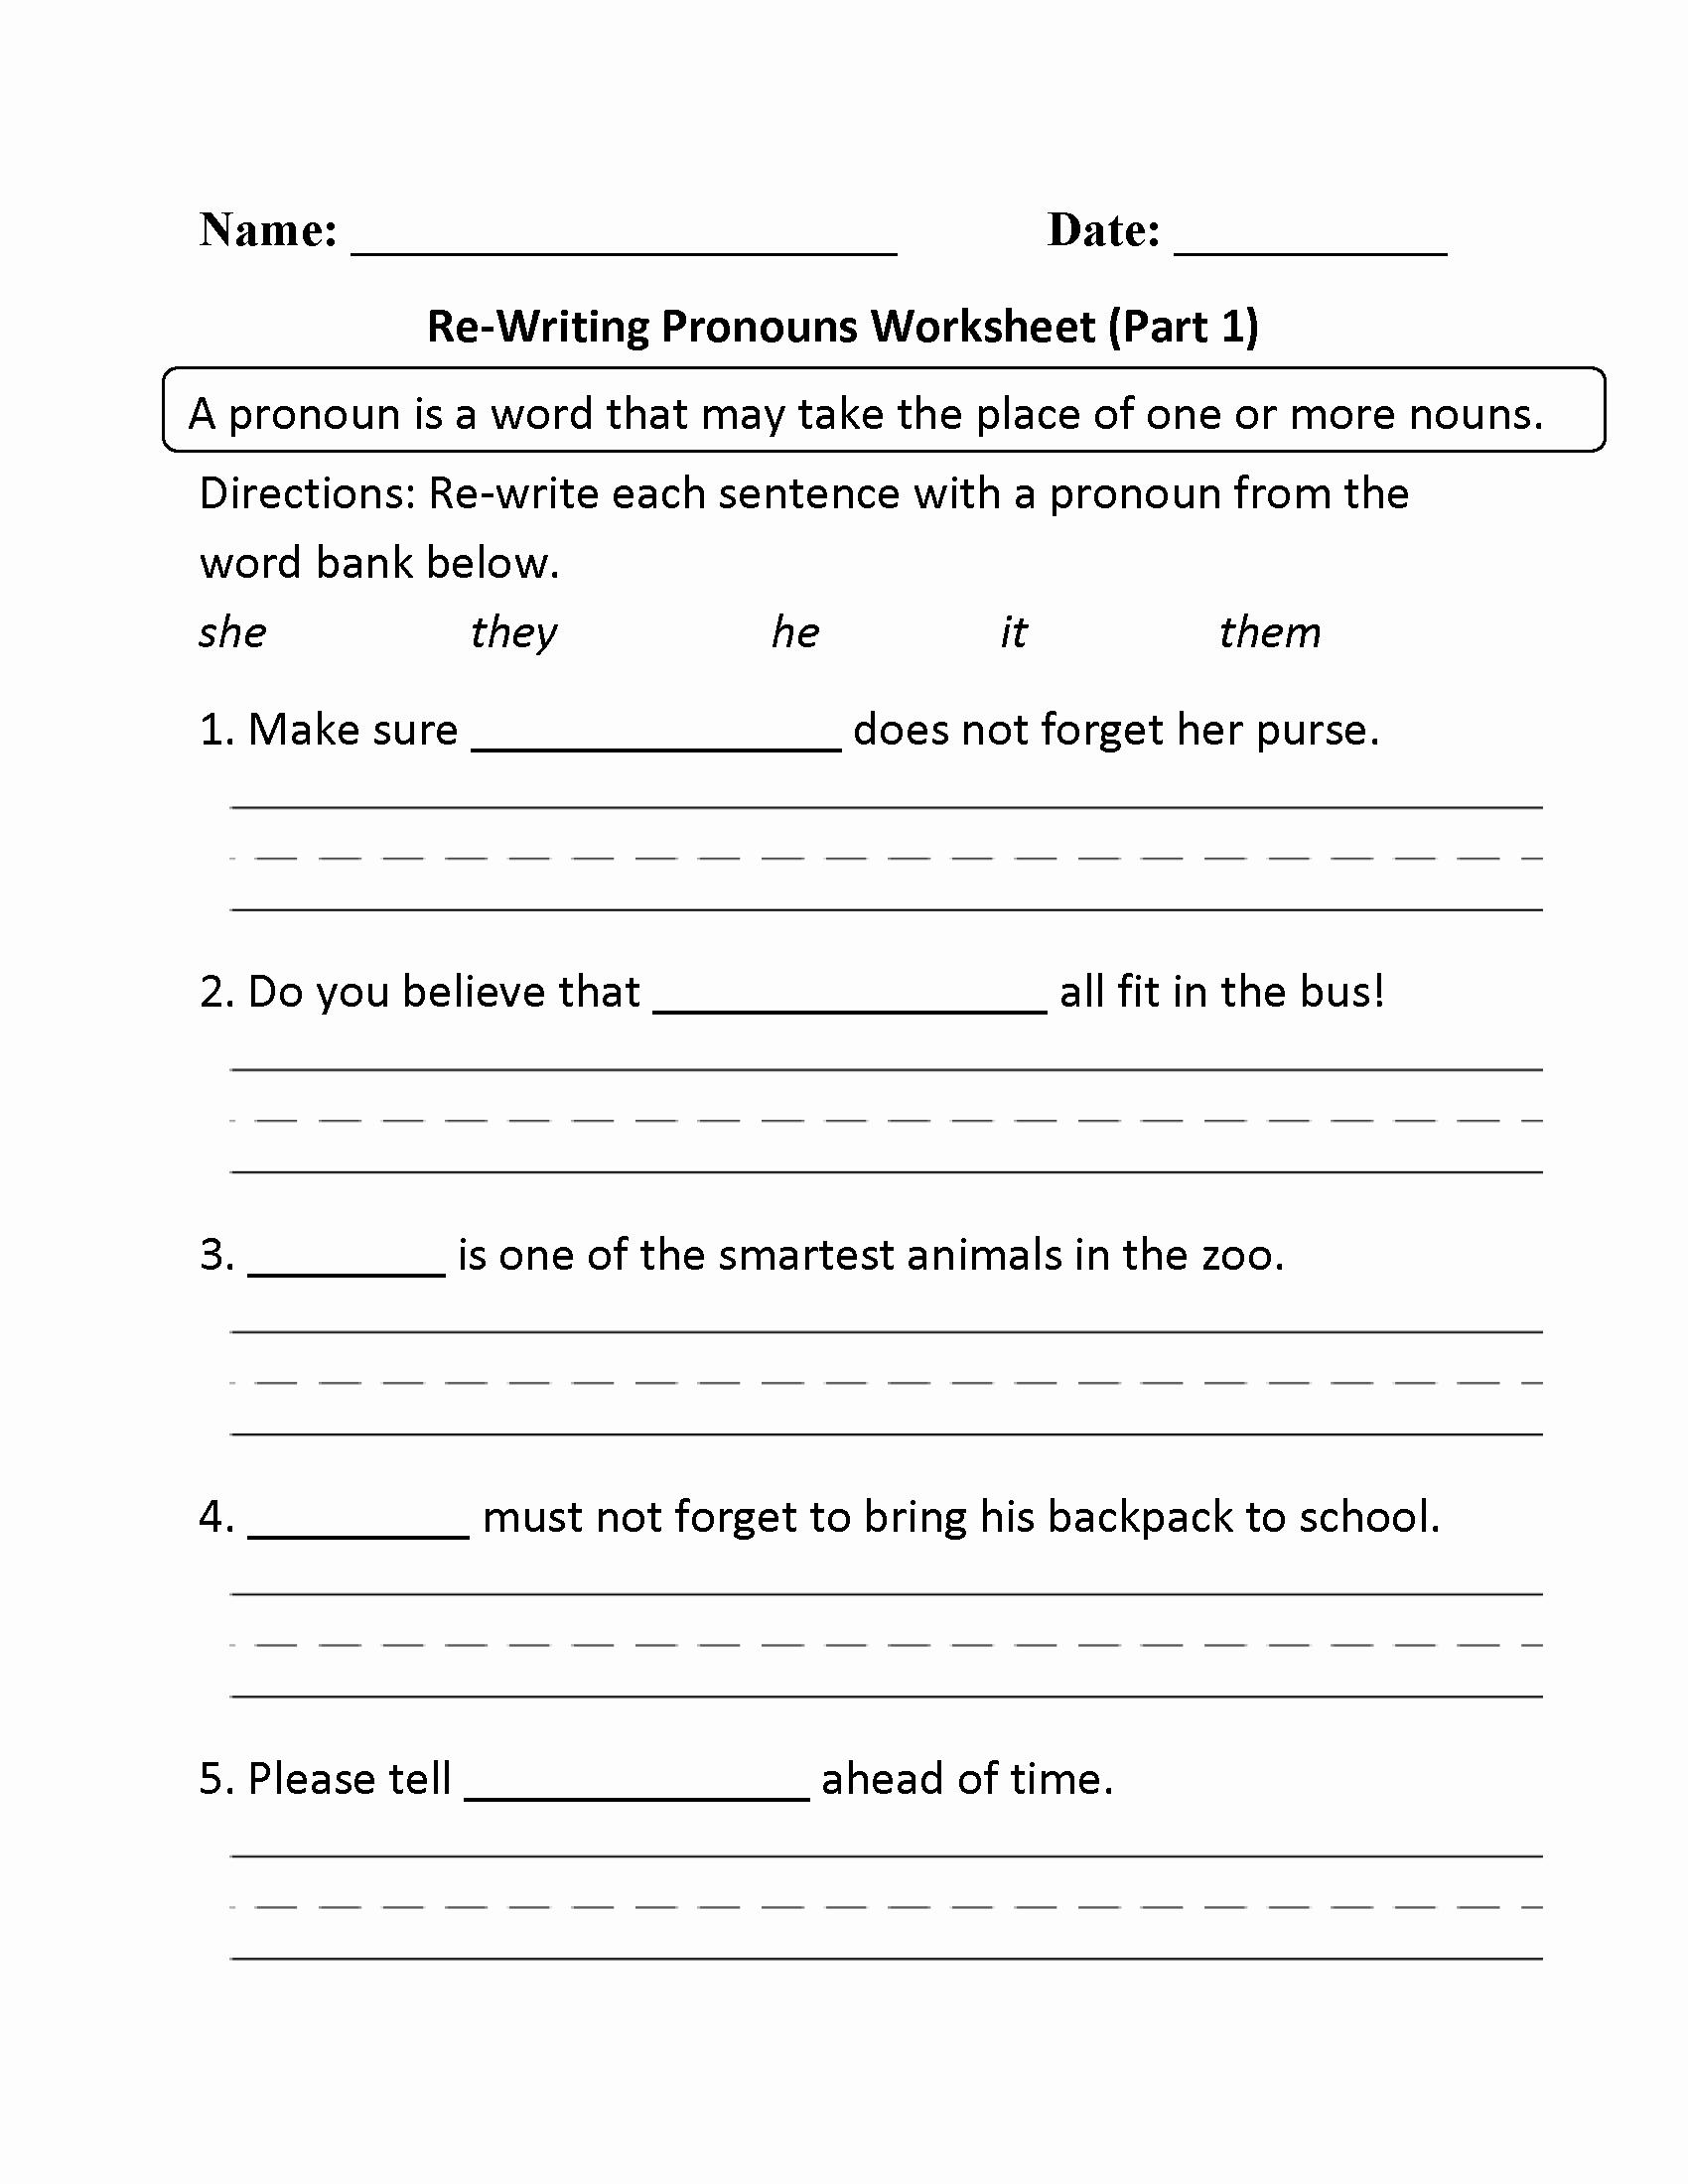 Pronoun Worksheet for 2nd Grade Elegant Free Printable Pronoun Worksheets for 2nd Grade